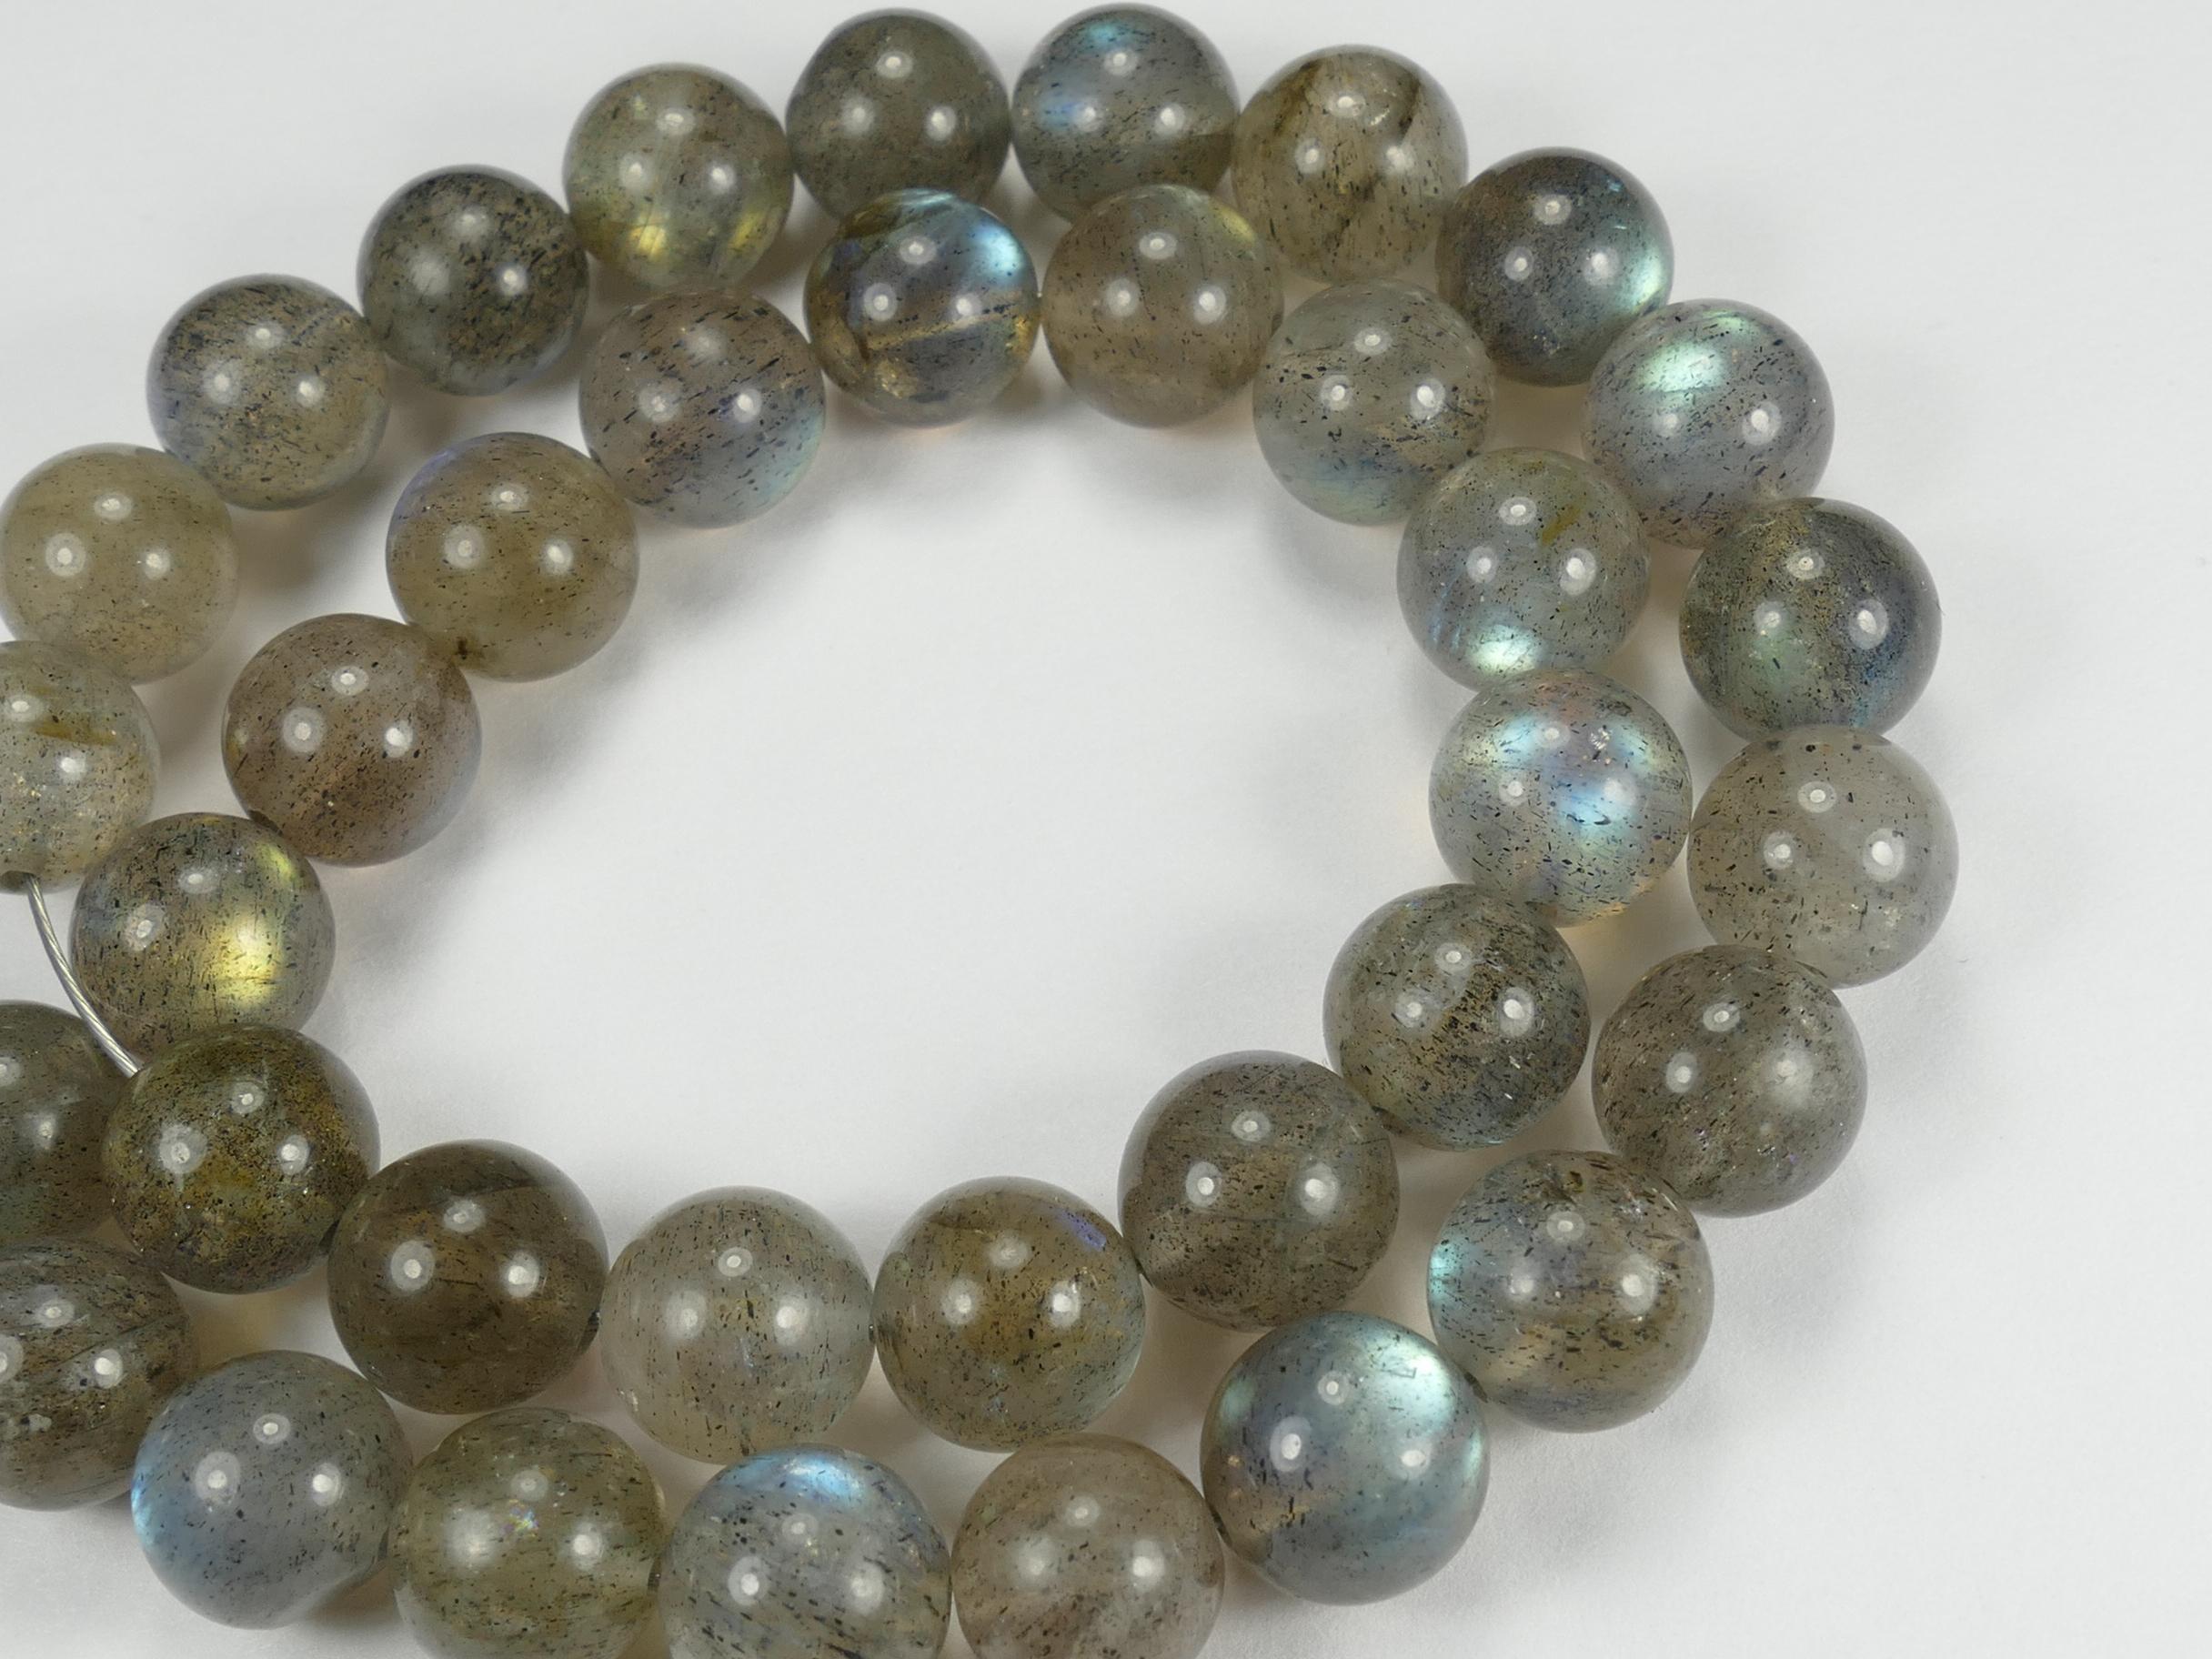 8.4/9.3mm A/AA Perle de Labradorite naturelle en boule / ronde lisse x8pc (#AC760)